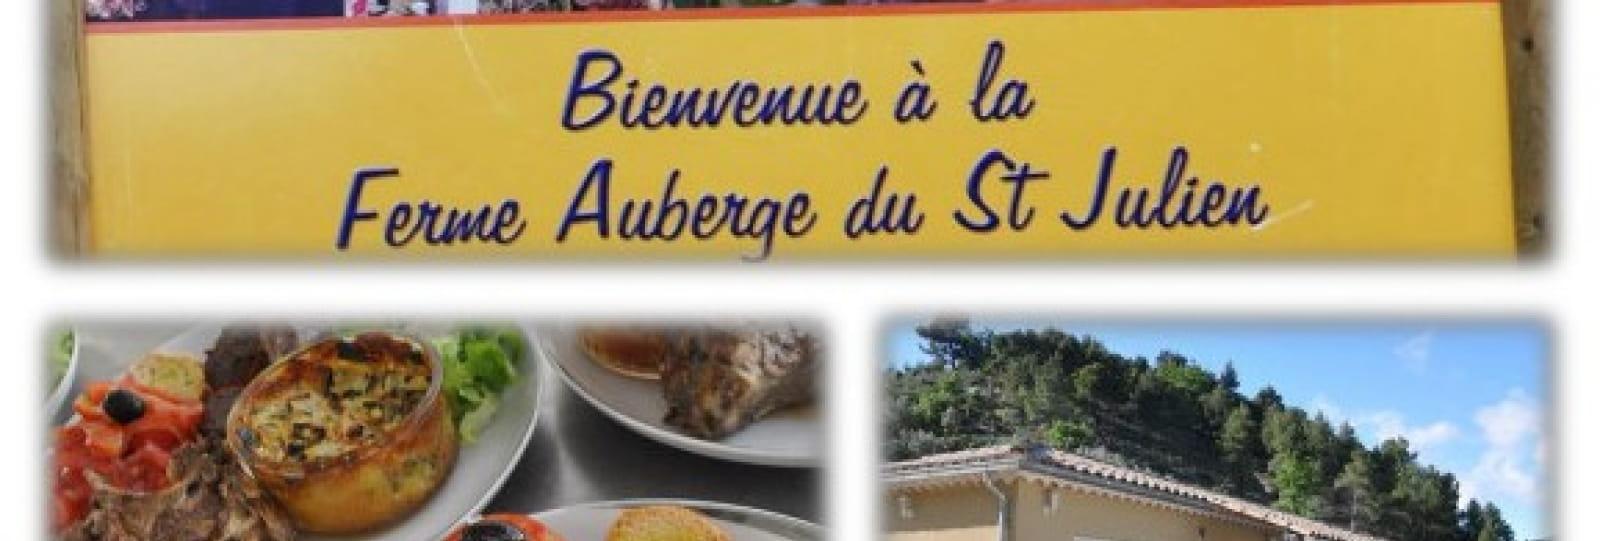 Ferme Auberge St-Julien